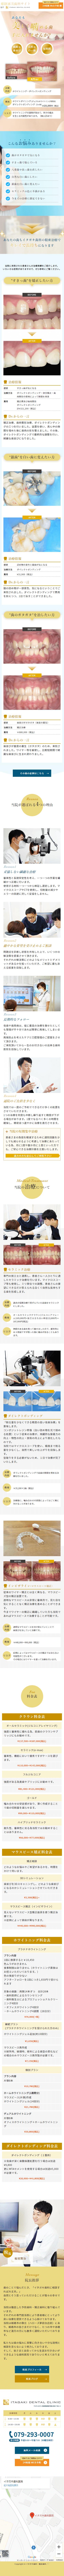 姫路市 イタガキ歯科・矯正歯科 審美歯科 ランディングページ制作3